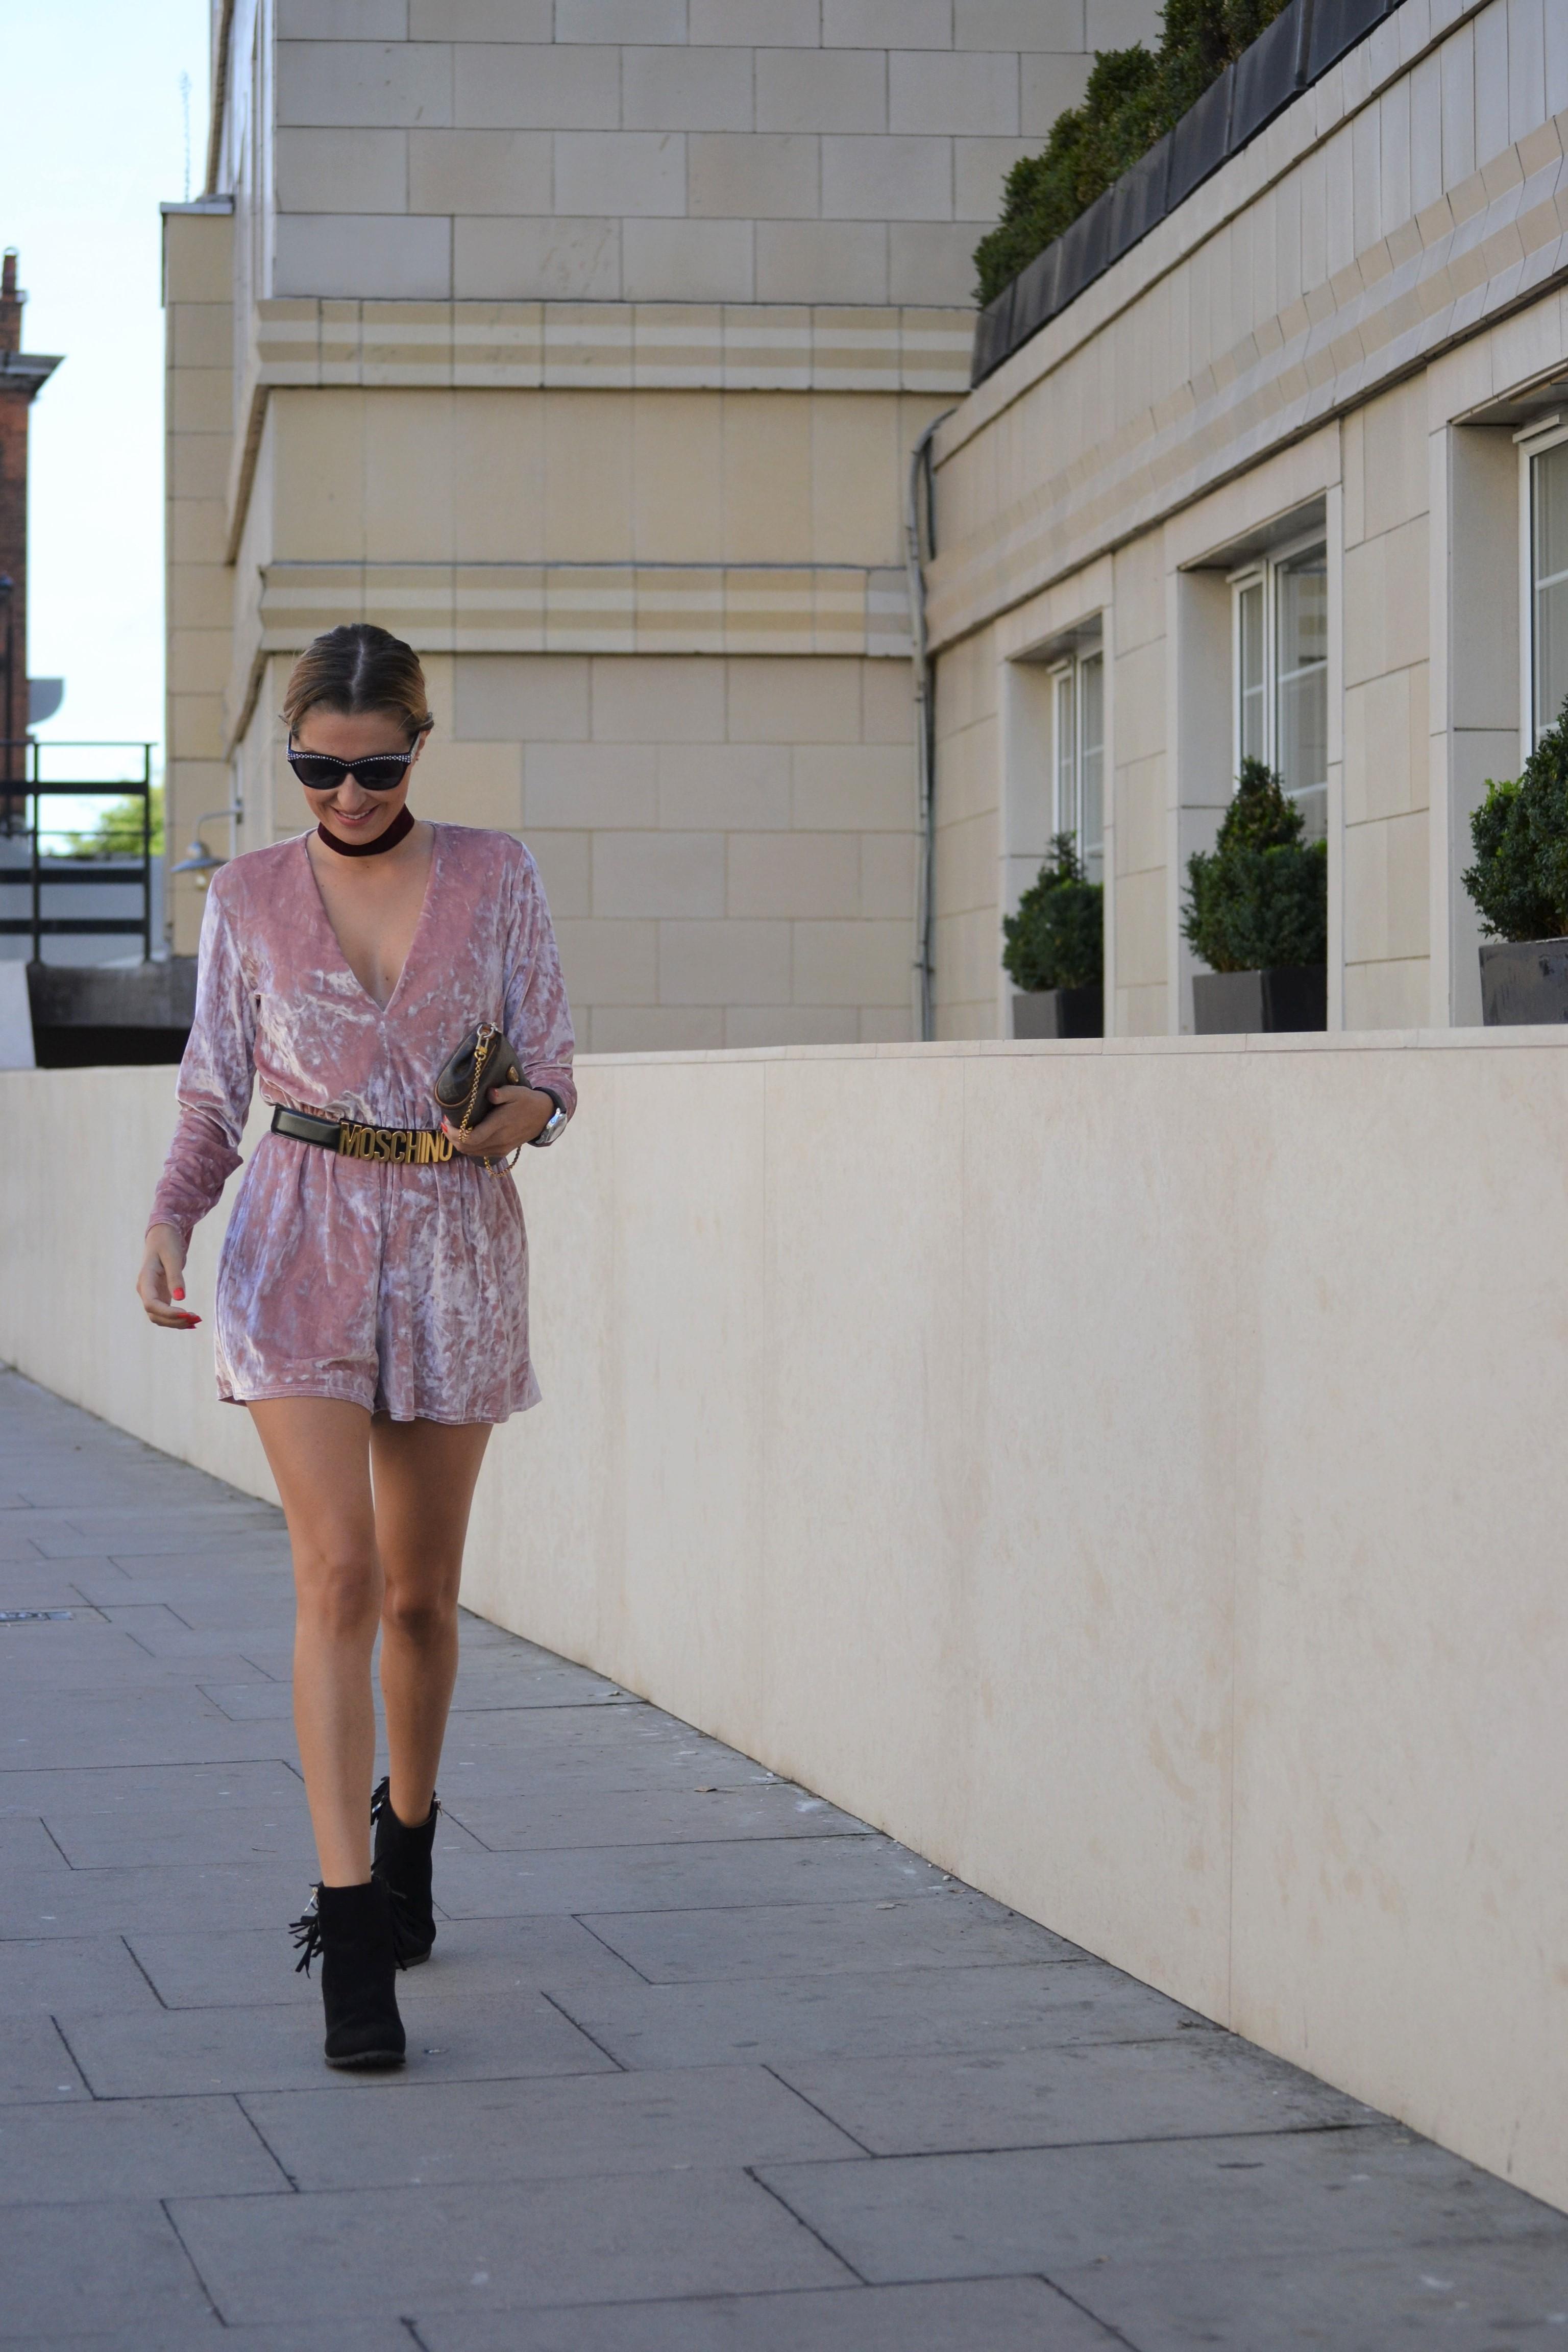 velvet_jumpsuit_primark_pink_booties_lara_martin_gilarranz_bymyheels_londres-8